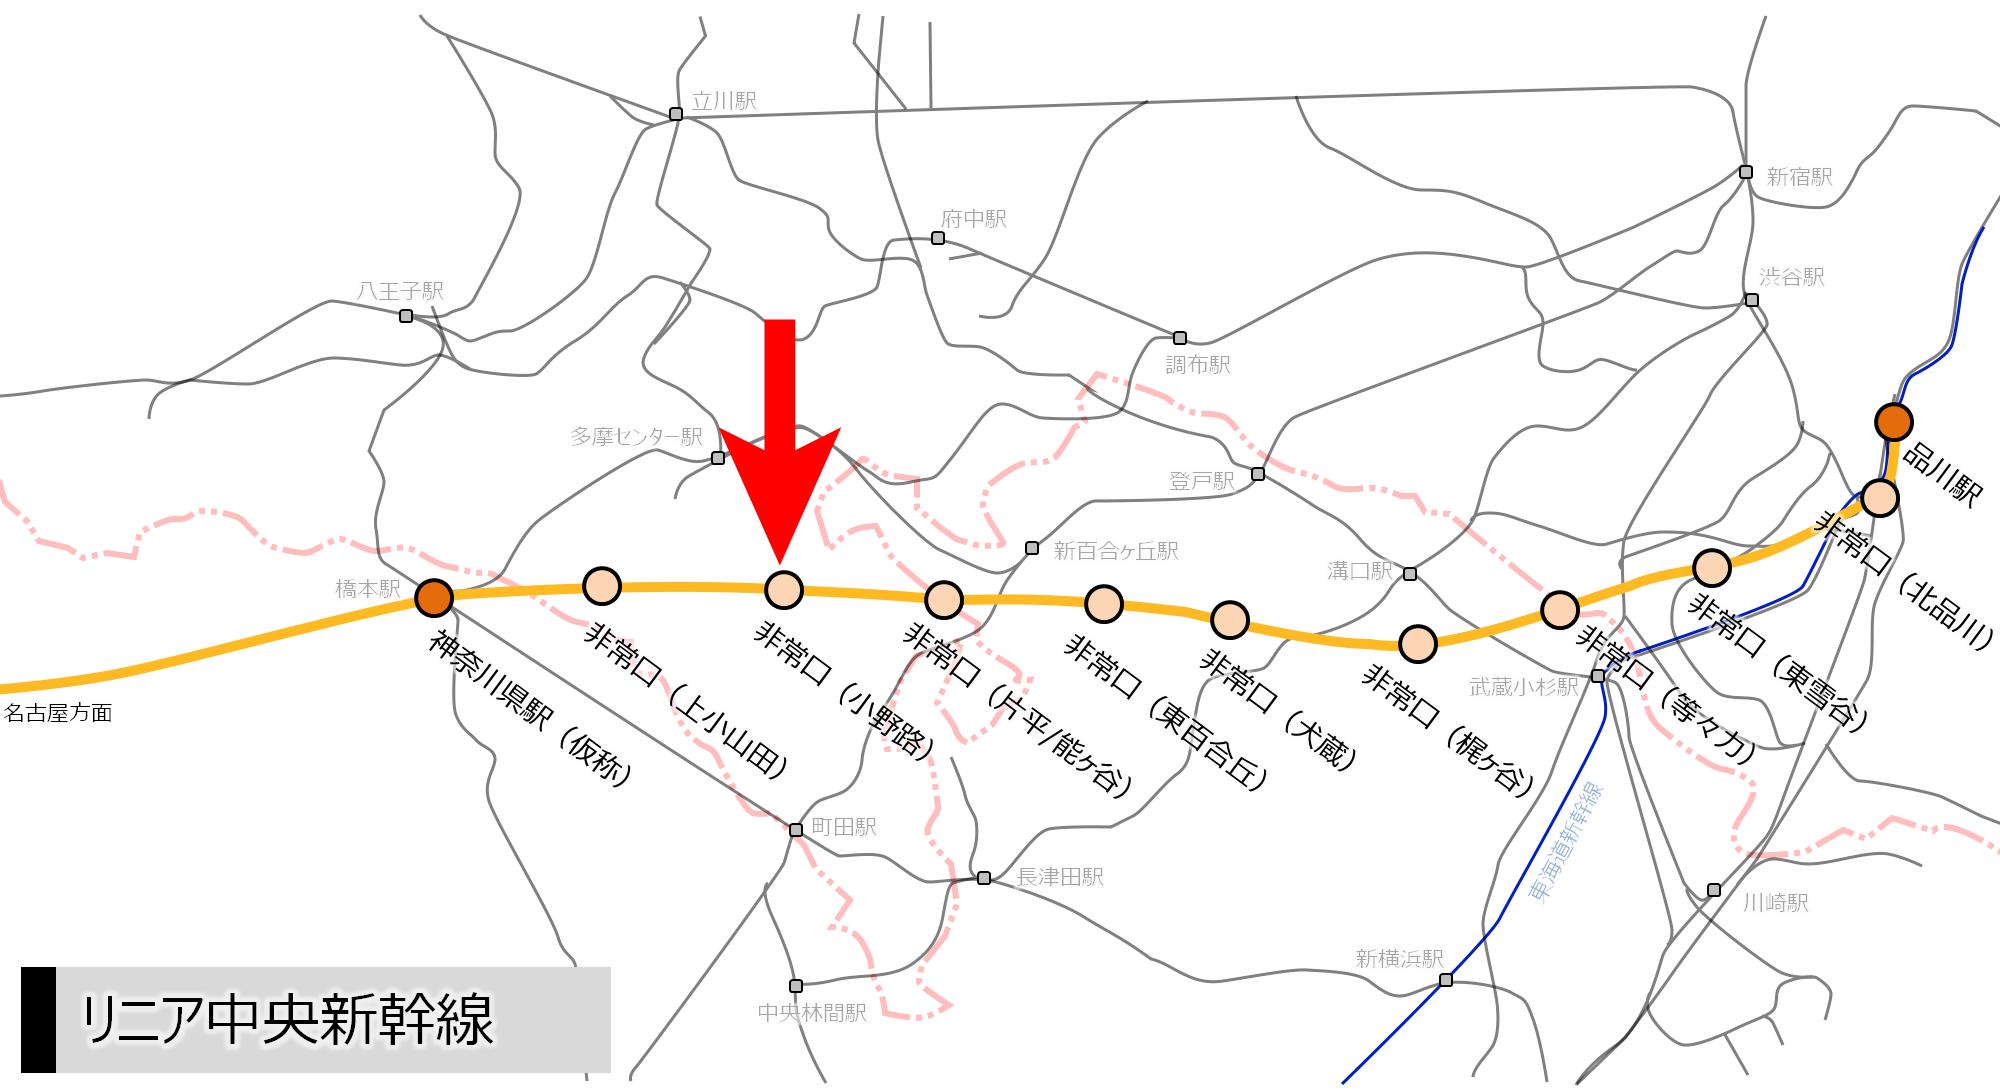 リニア中央新幹線 町田市小野路非常口に円形の構造物が出現?_a0332275_01015746.png